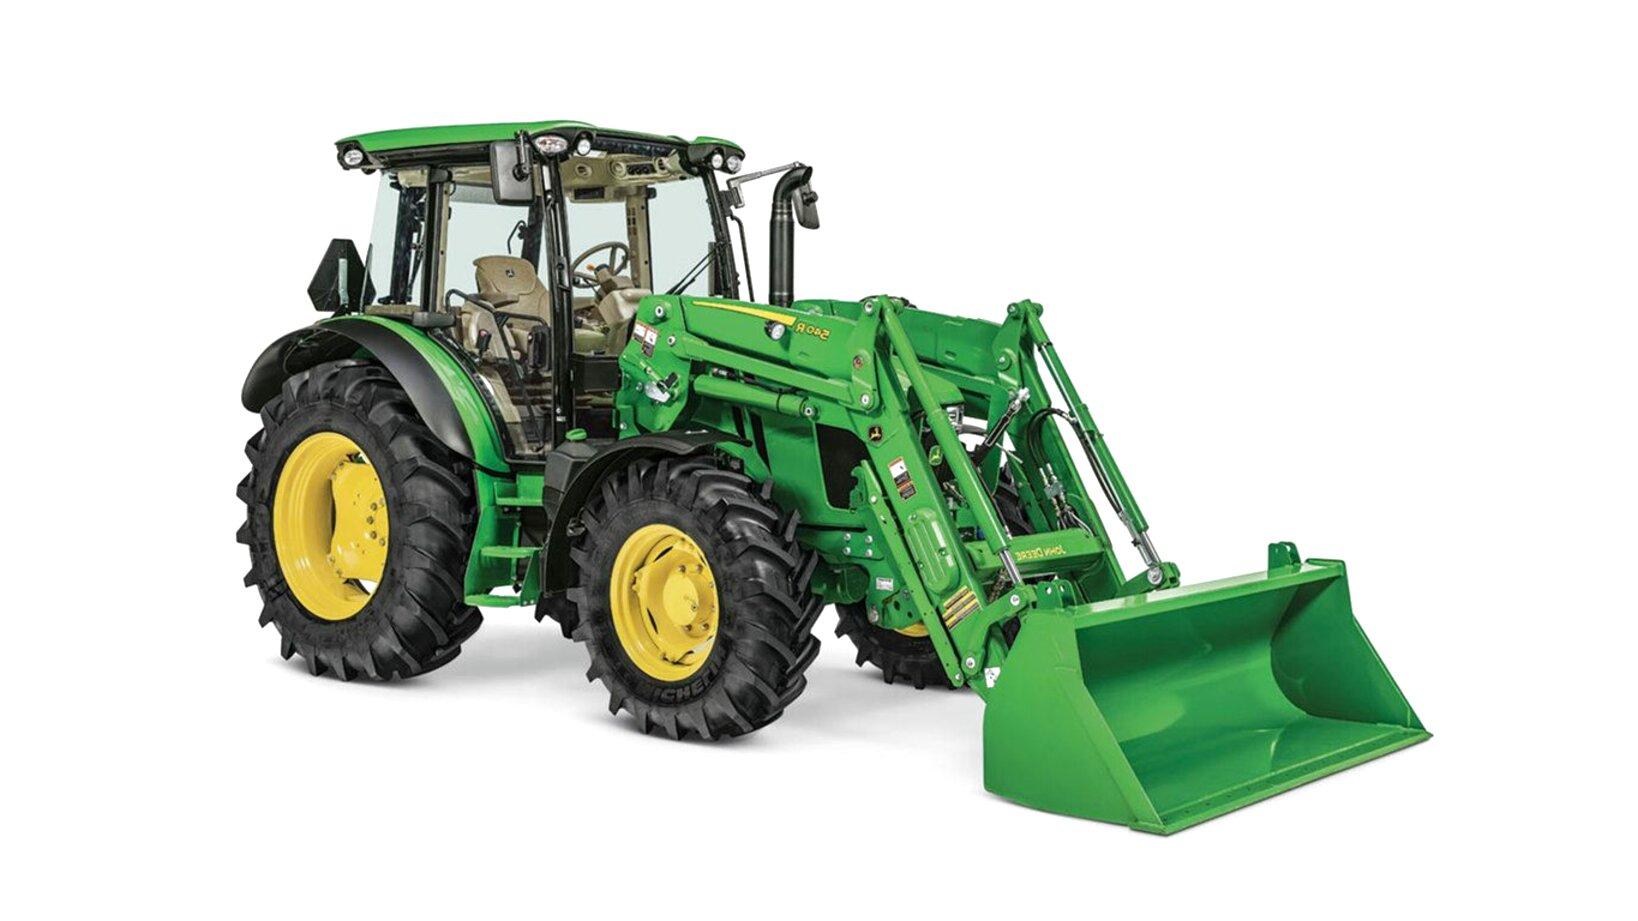 john deere tractor front end loader for sale